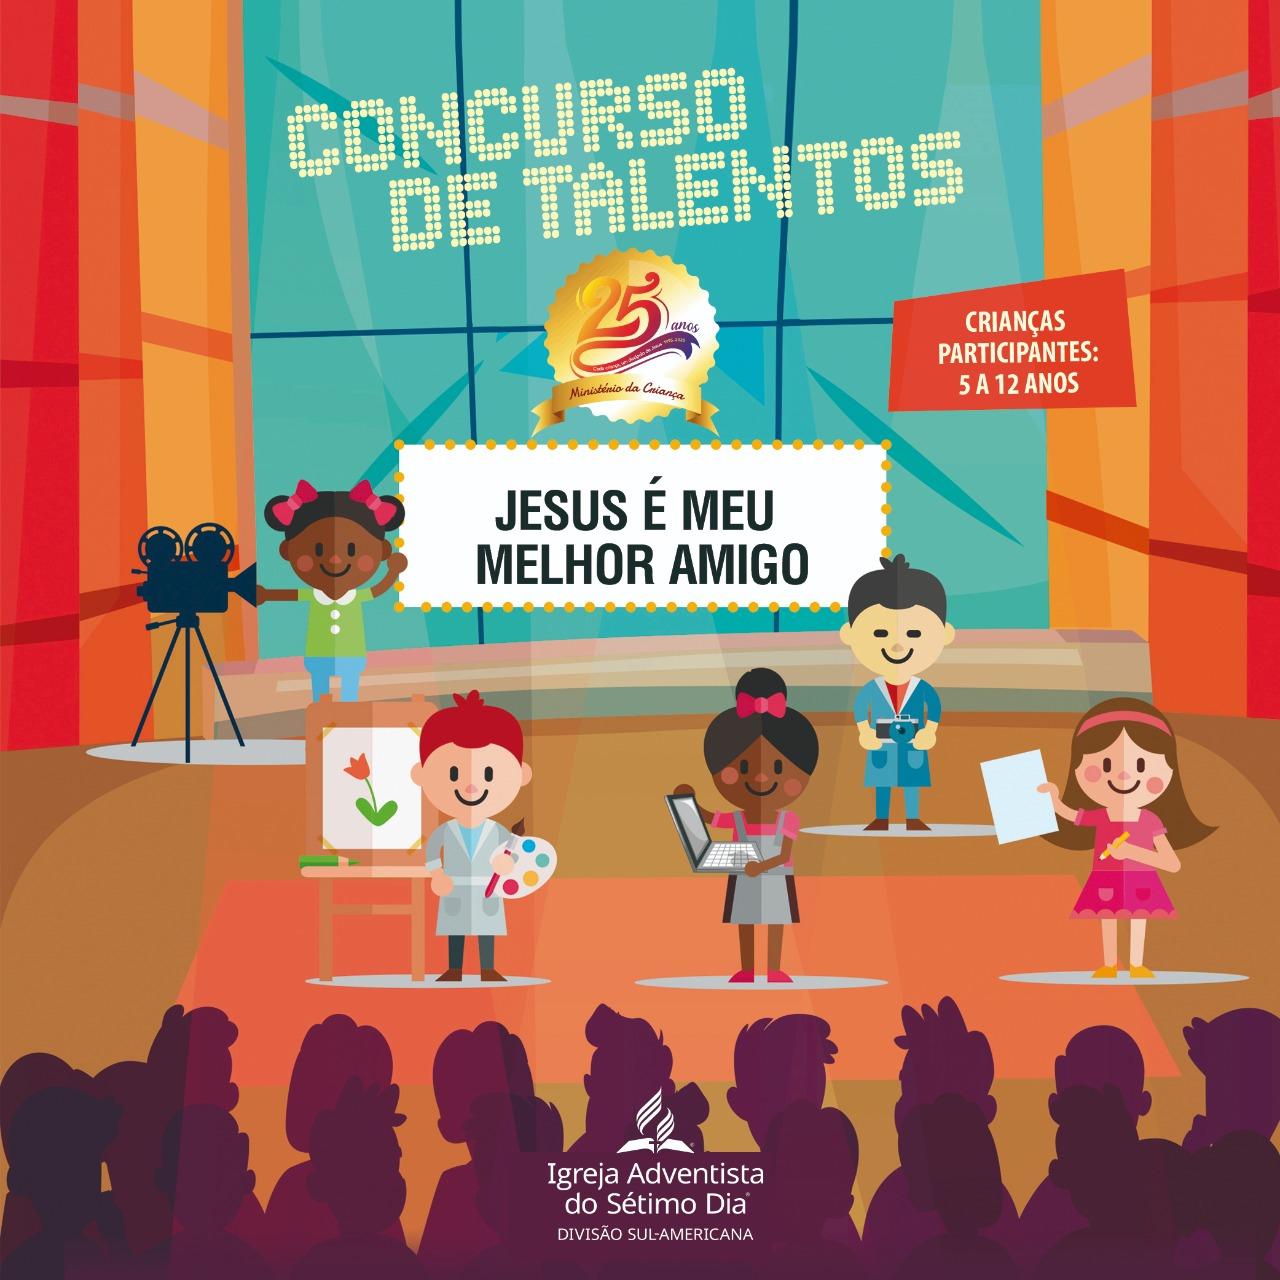 25 anos do Concurso do Ministério da Criança da Igreja Adventista do Sétimo Dia